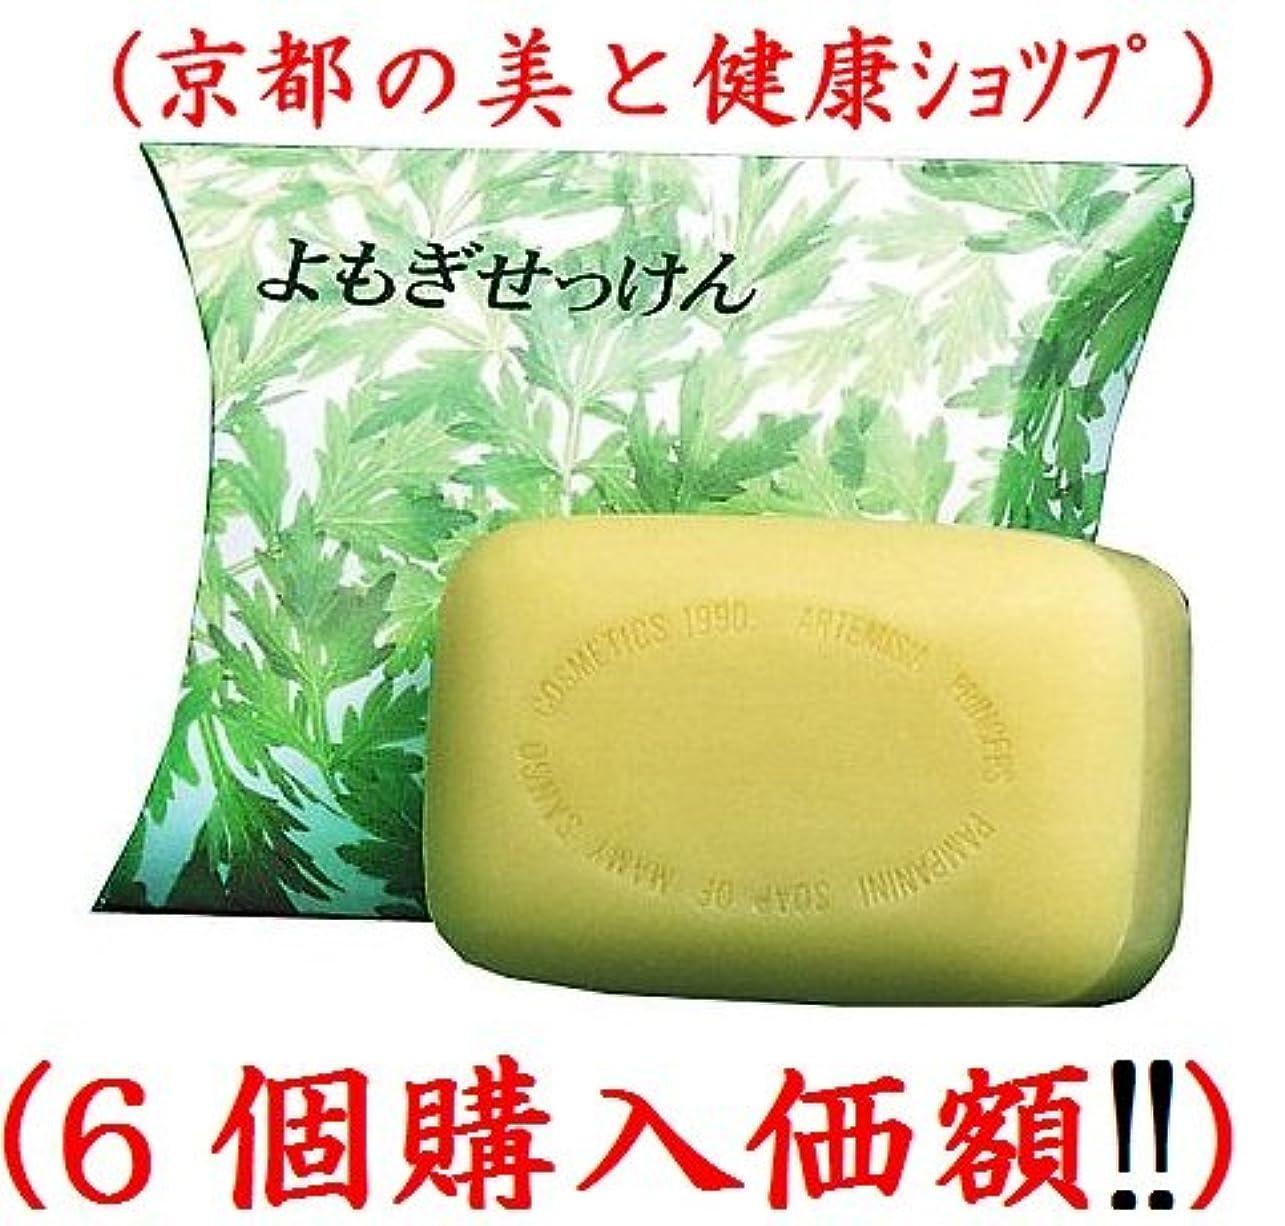 ペパーミント嫌悪太陽マミーサンゴソープAよもぎ石鹸95g(6個購入価額)